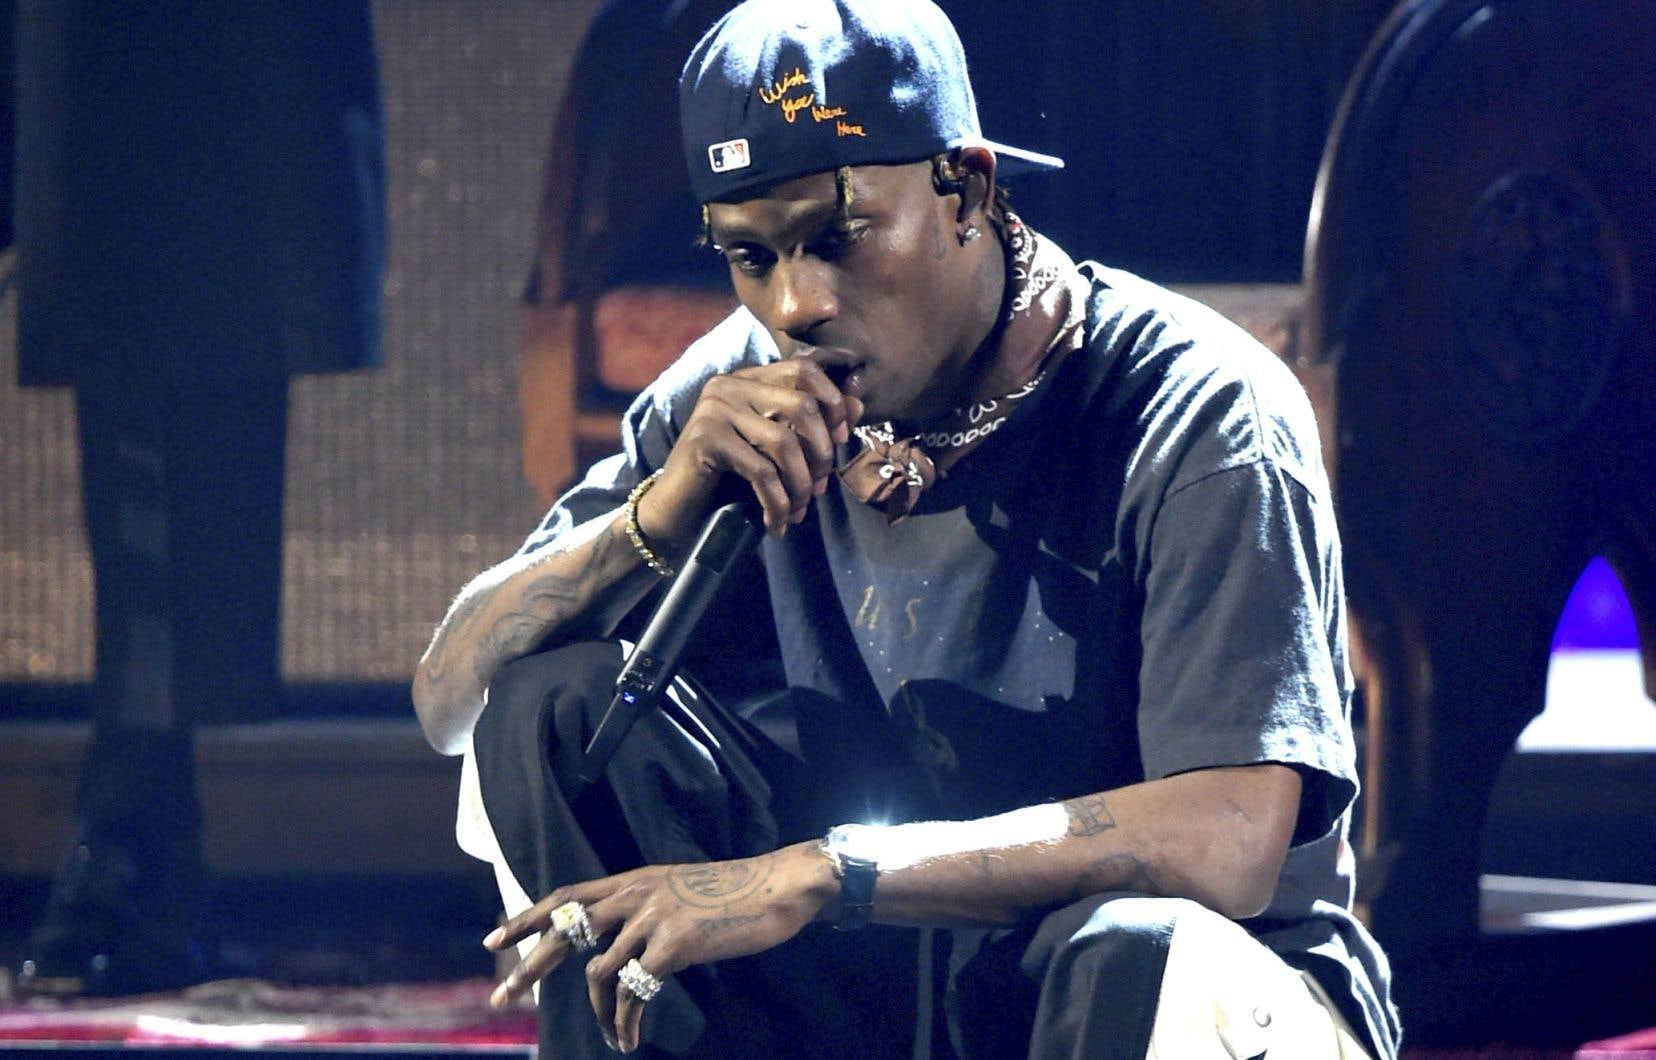 Le rappeur américain Travis Scott était mercredi soir au Centre Bell.